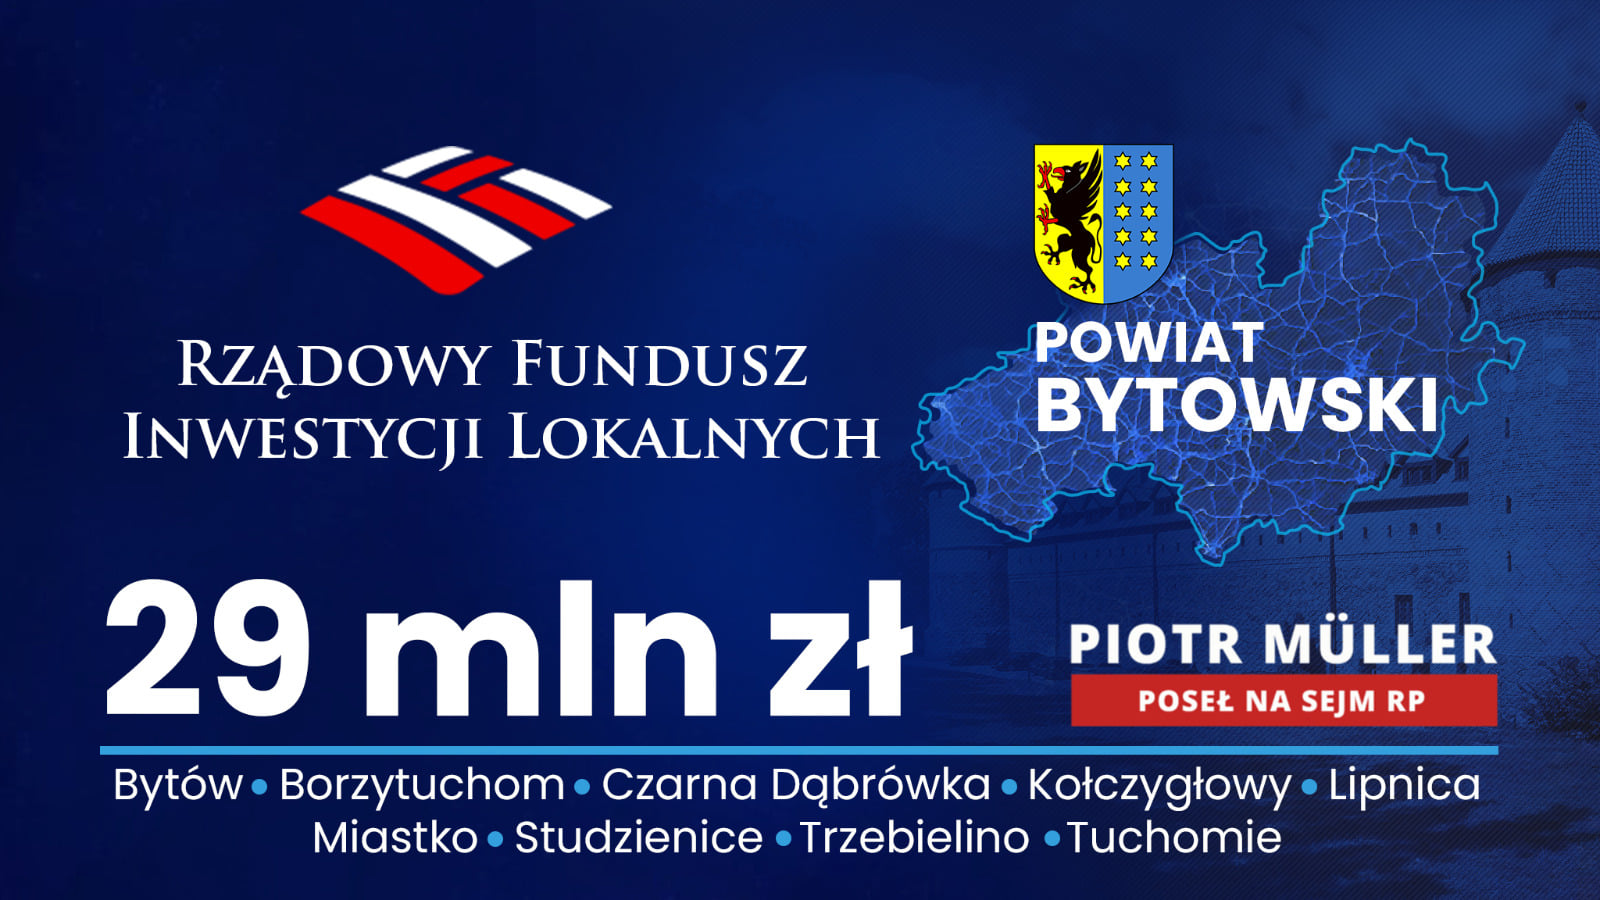 Rządowy Fundusz Inwestycji Lokalnych w regionie bytowskim